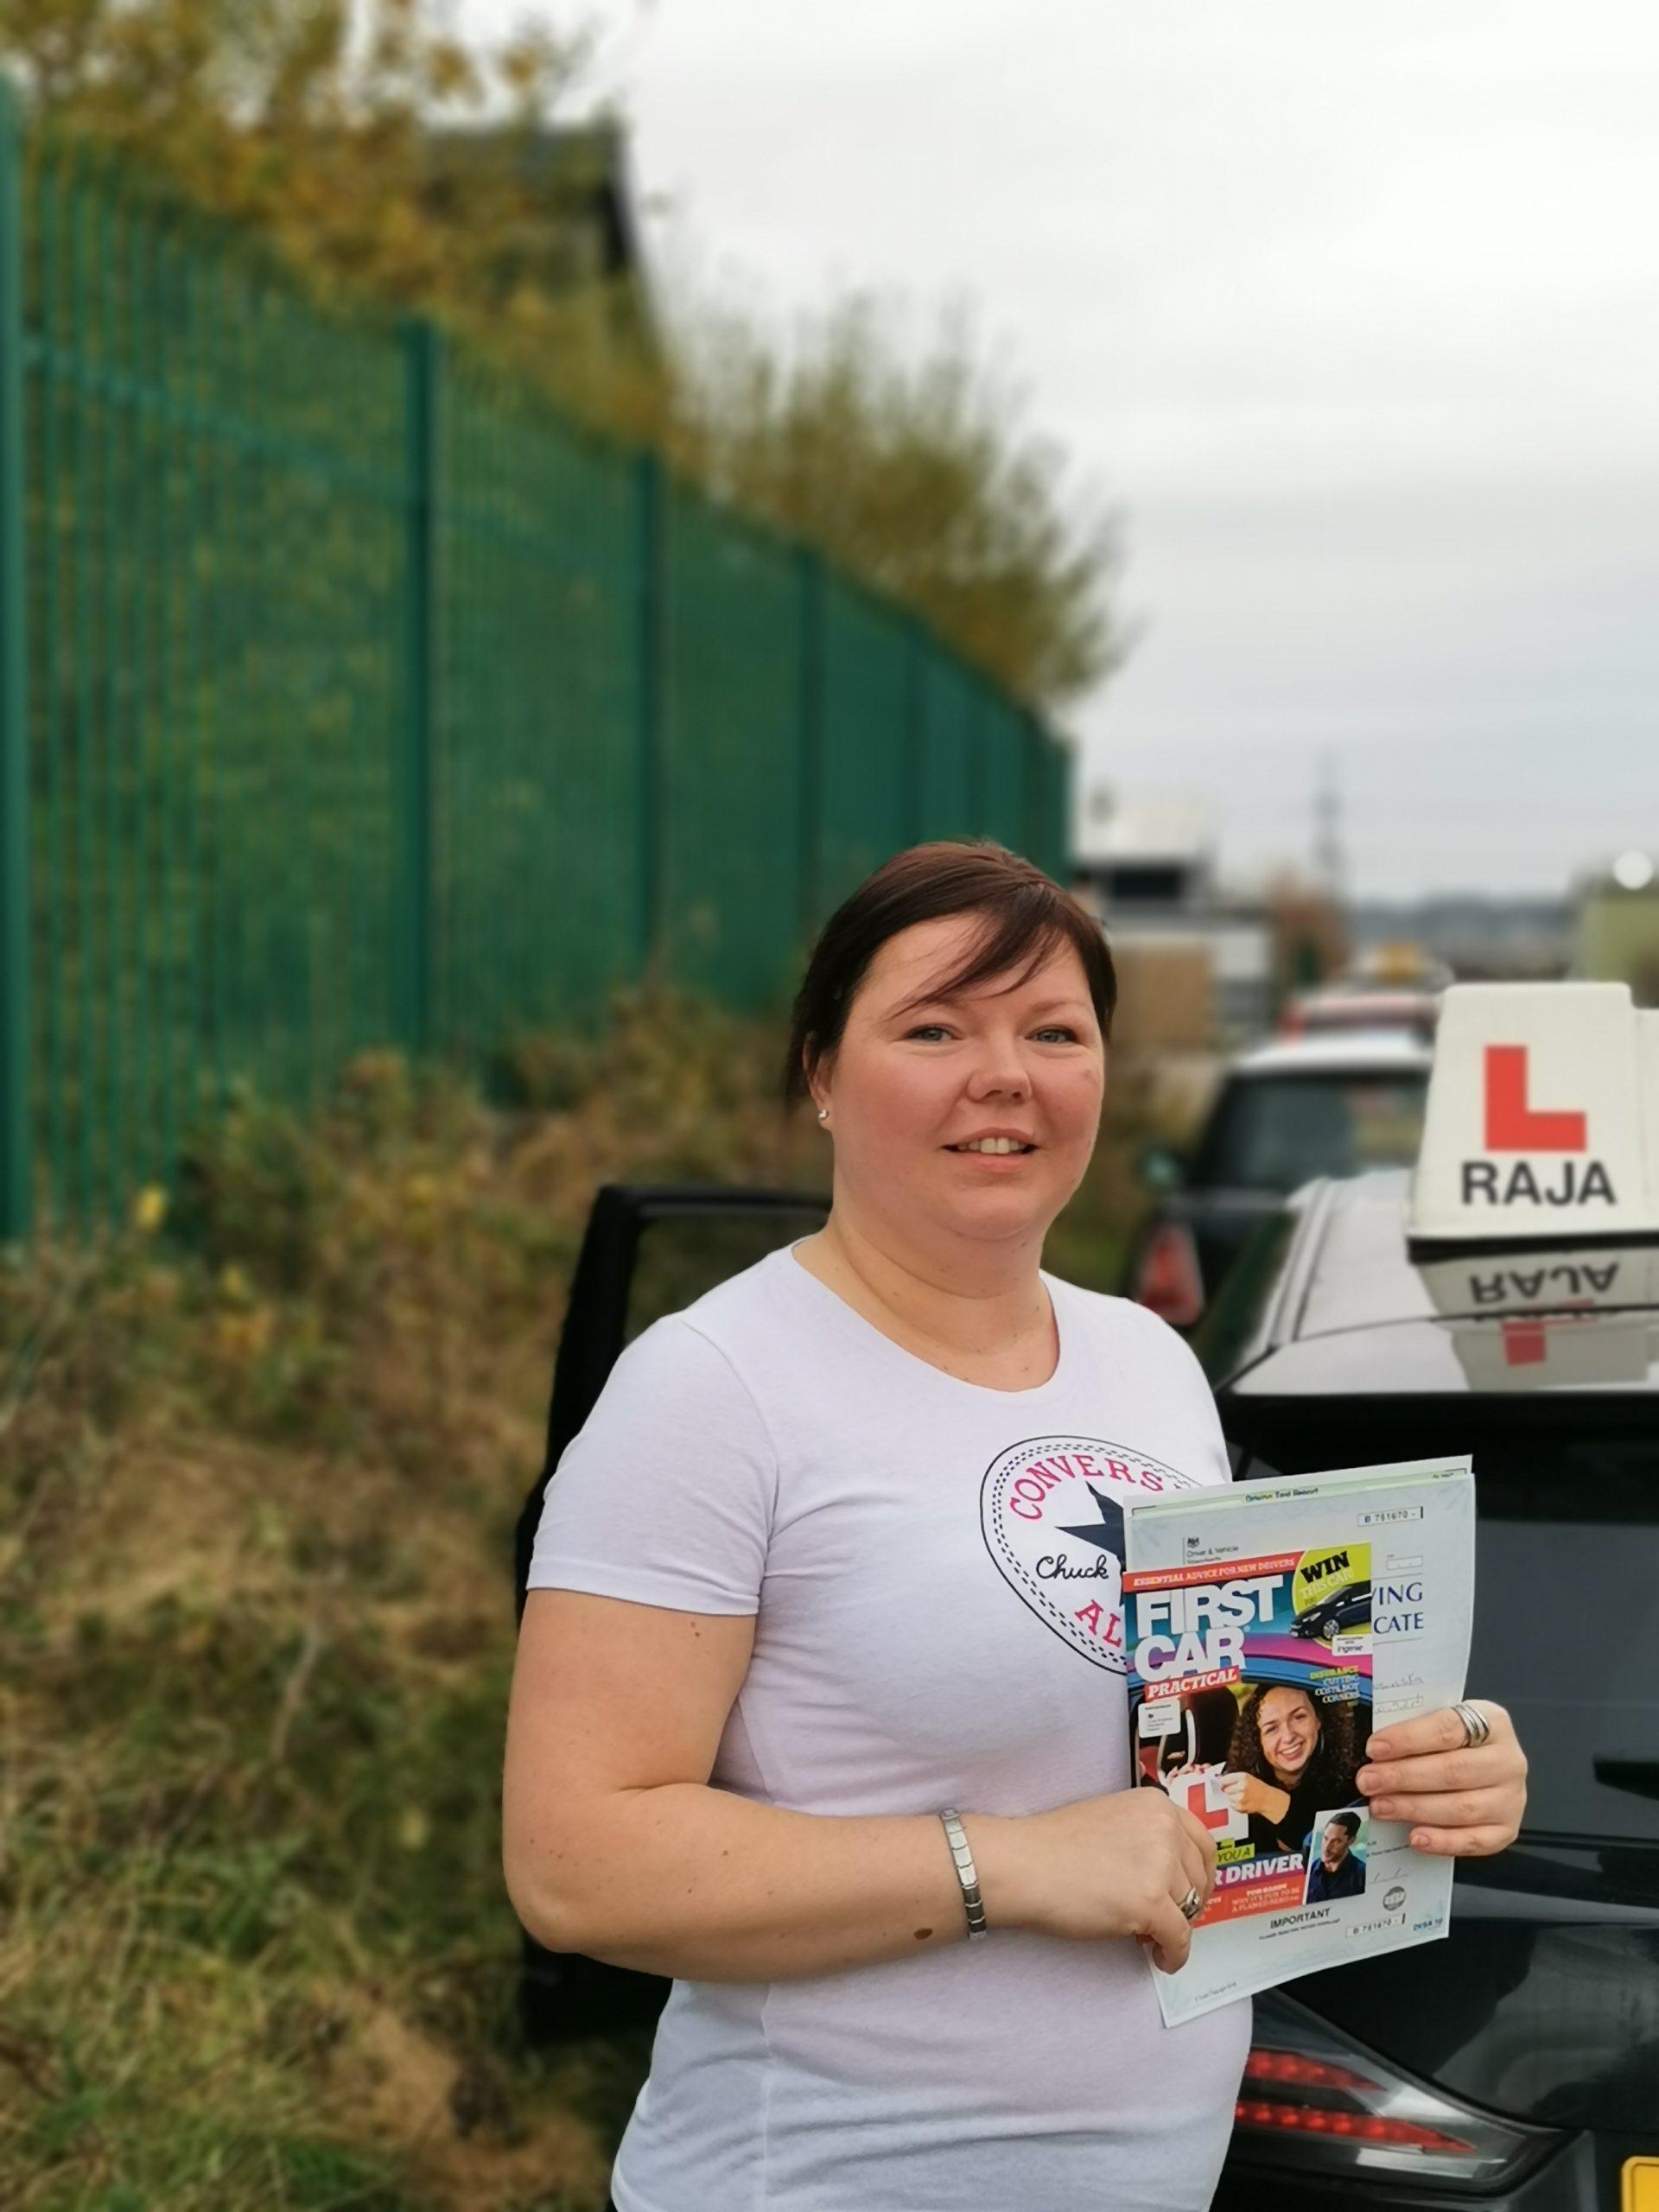 Pass Automatic driving test Blackburn , Darwen Driving Lessons Blackburn Driving instructor Blackburn Manual Driving Instructor Blackburn Accrington Pass plus Motorway lessons Crash Course Acc